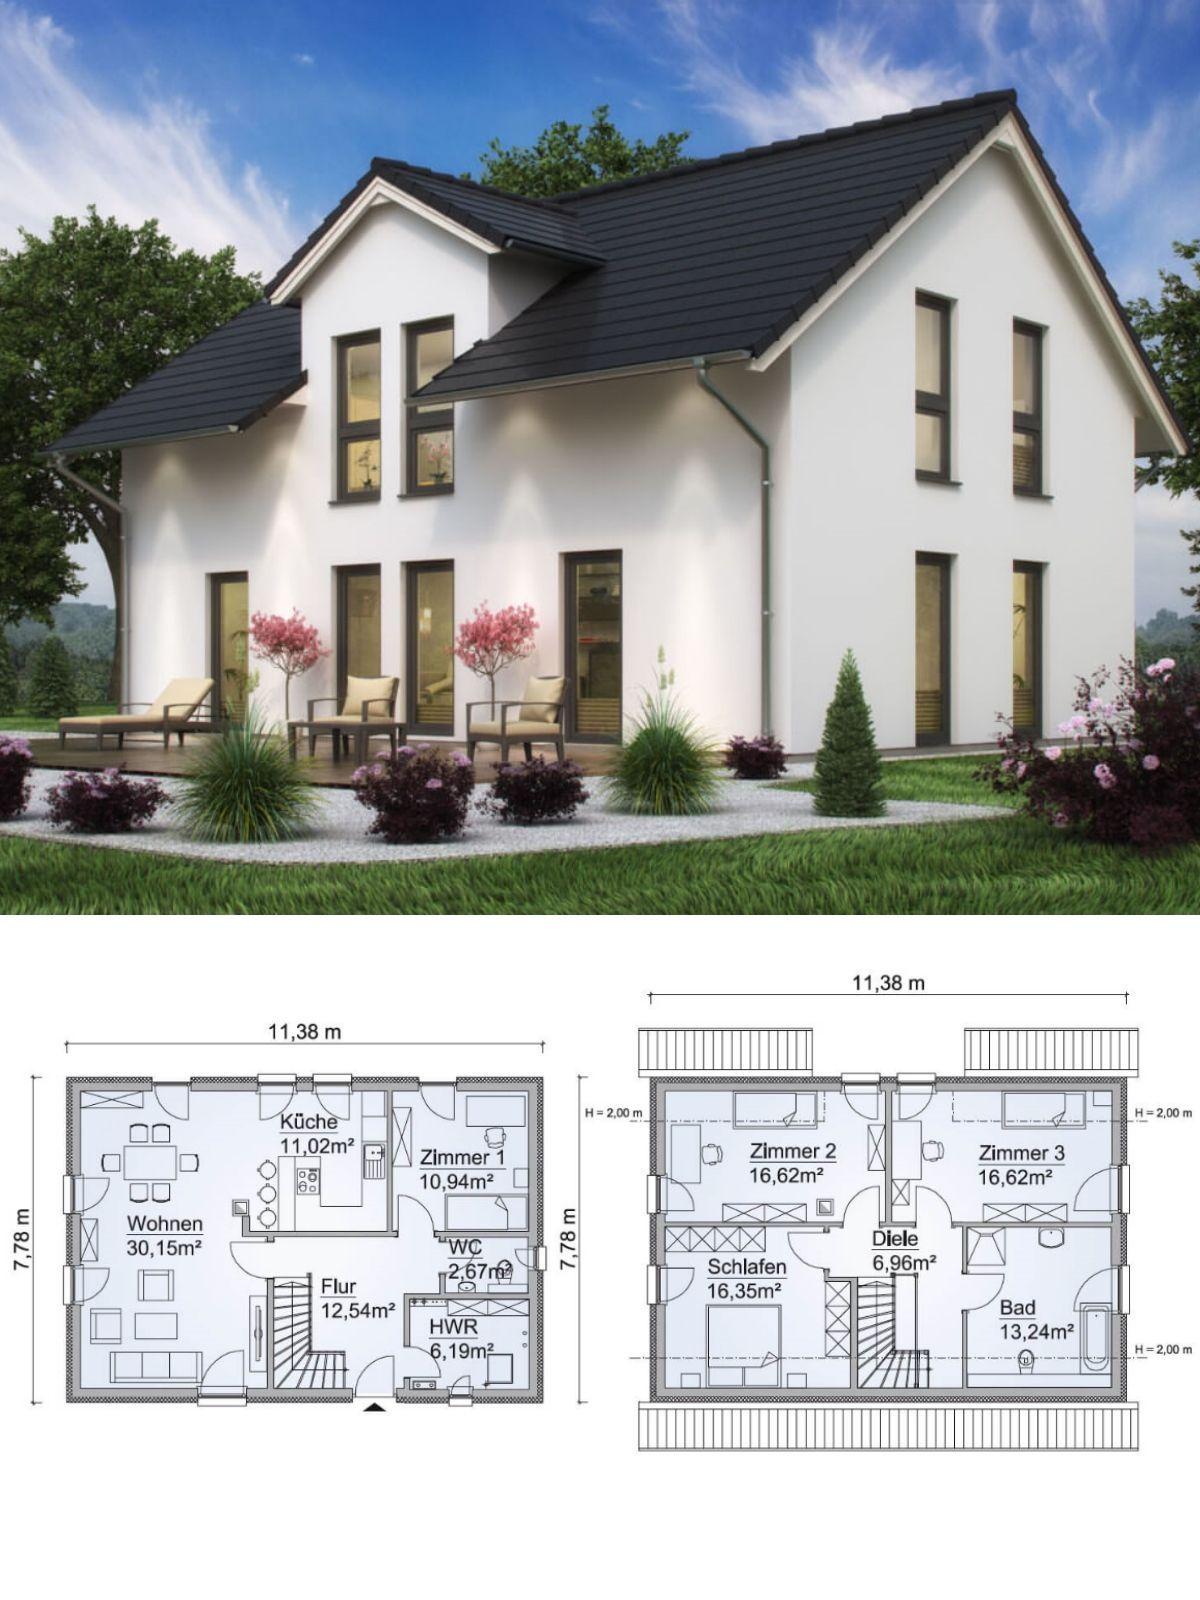 Einfamilienhaus Architektur modern mit Satteldach, Zwerchgiebel ...